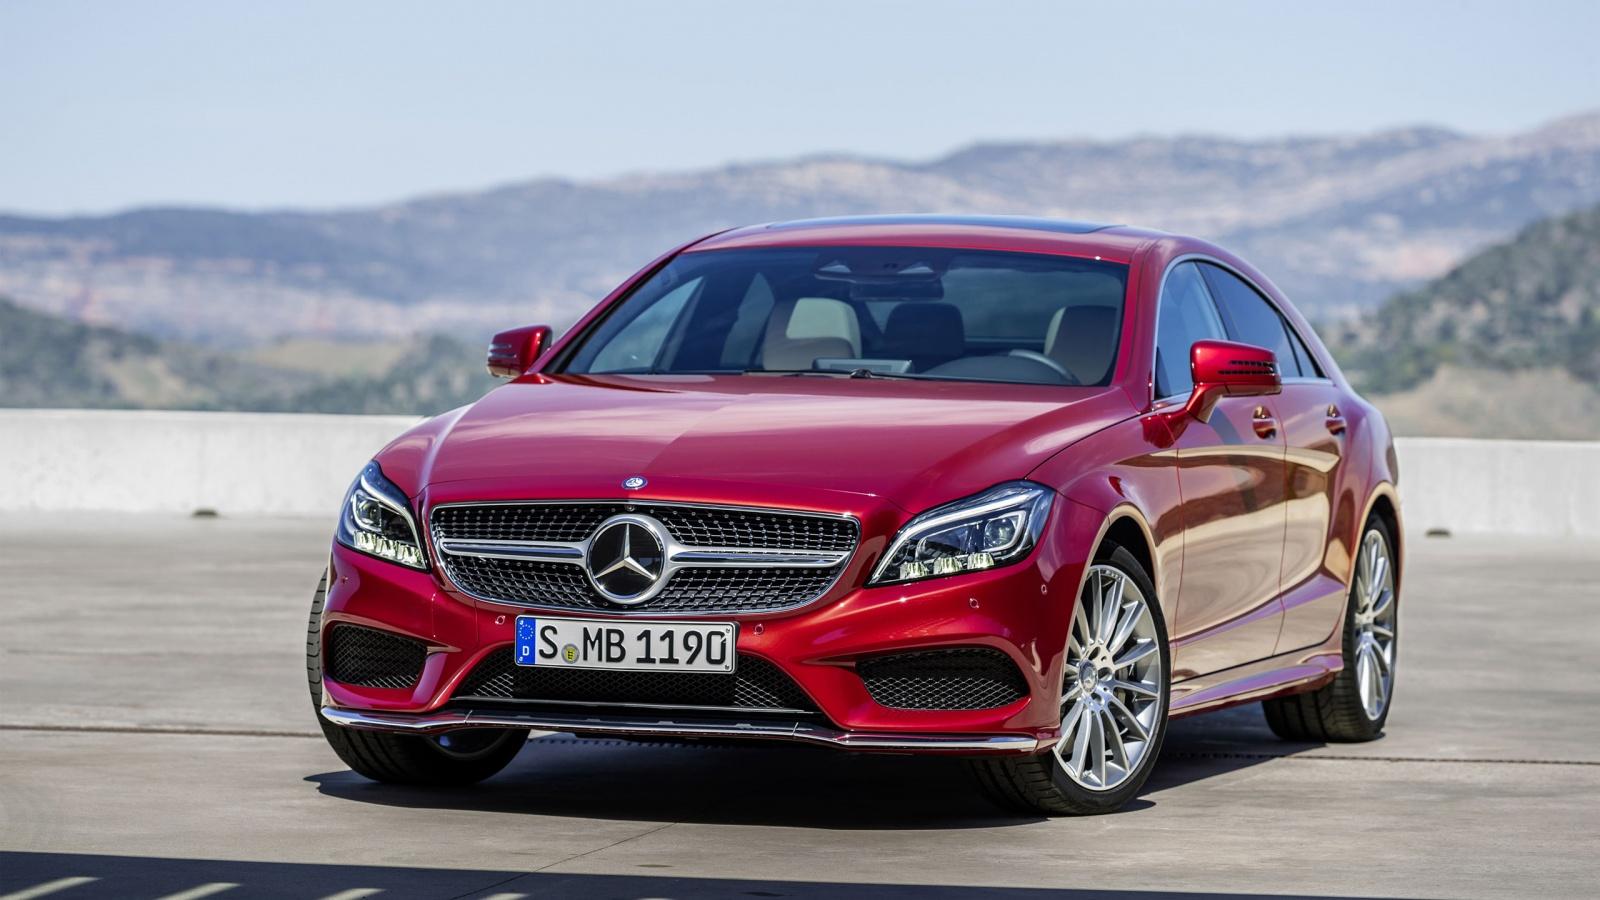 2015 Mercedes Benz CLS Wallpaper HD Car Wallpapers 1600x900